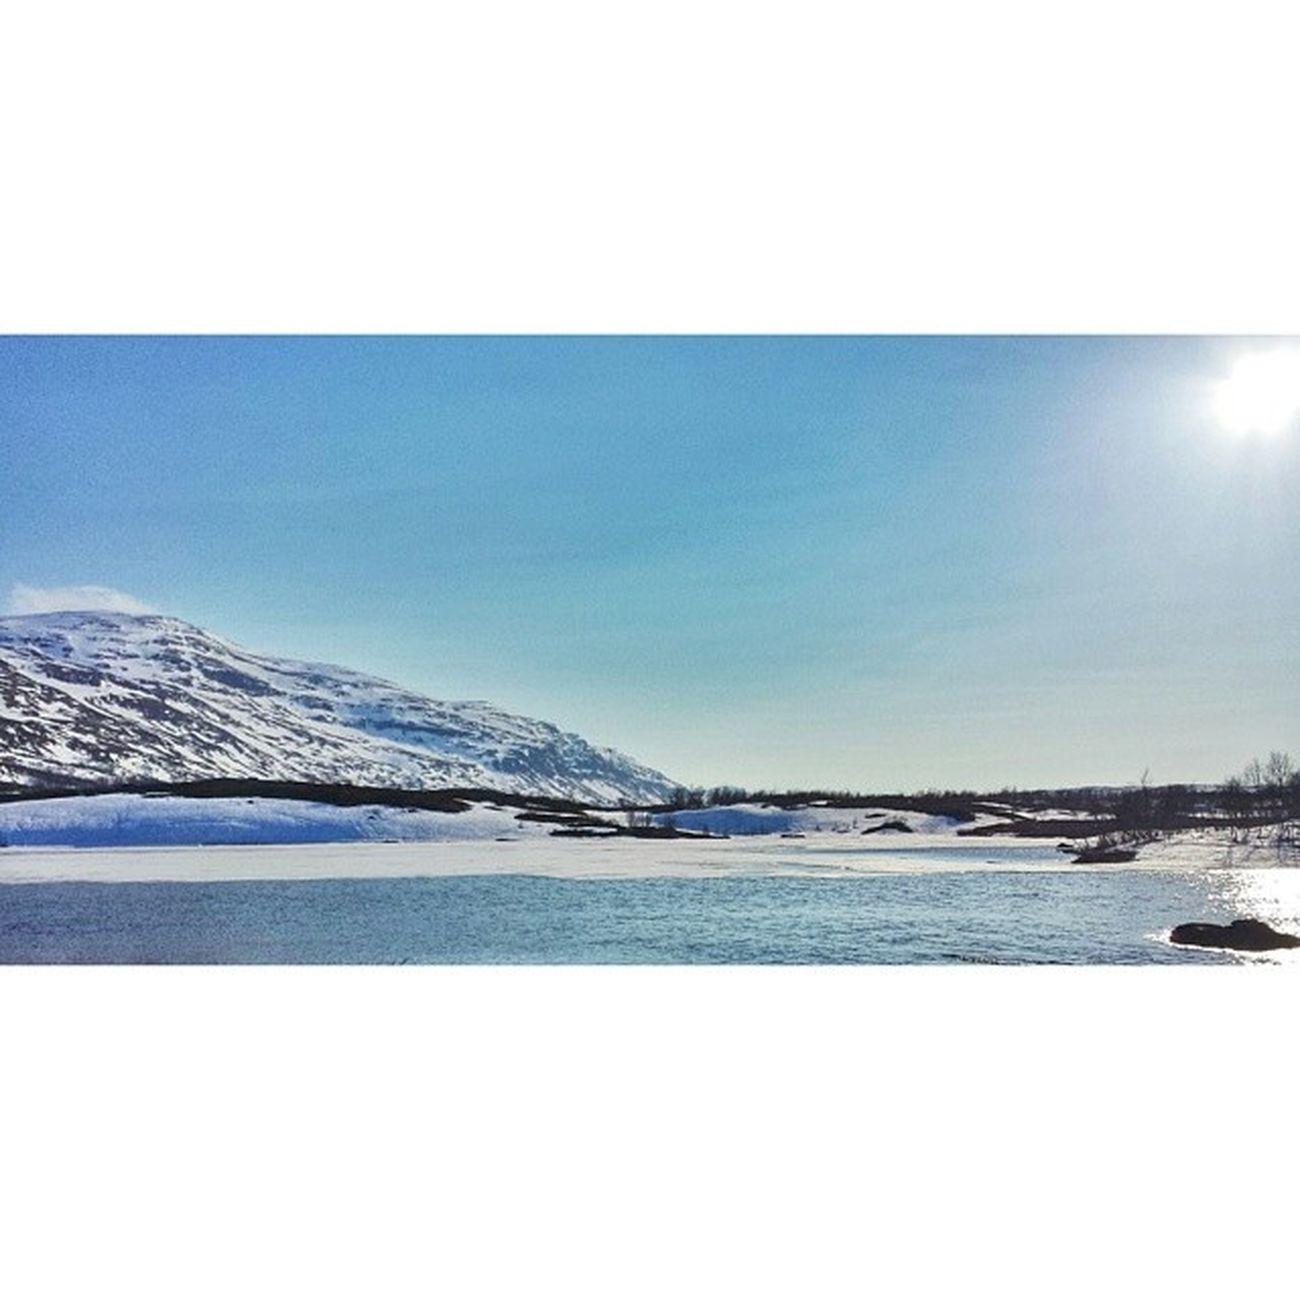 Började sakna snön efter att jag lämnade den och byggnationen utav campet i 2 dagar för en kort tripp till Luleå! Riksgränsen  Secondwork